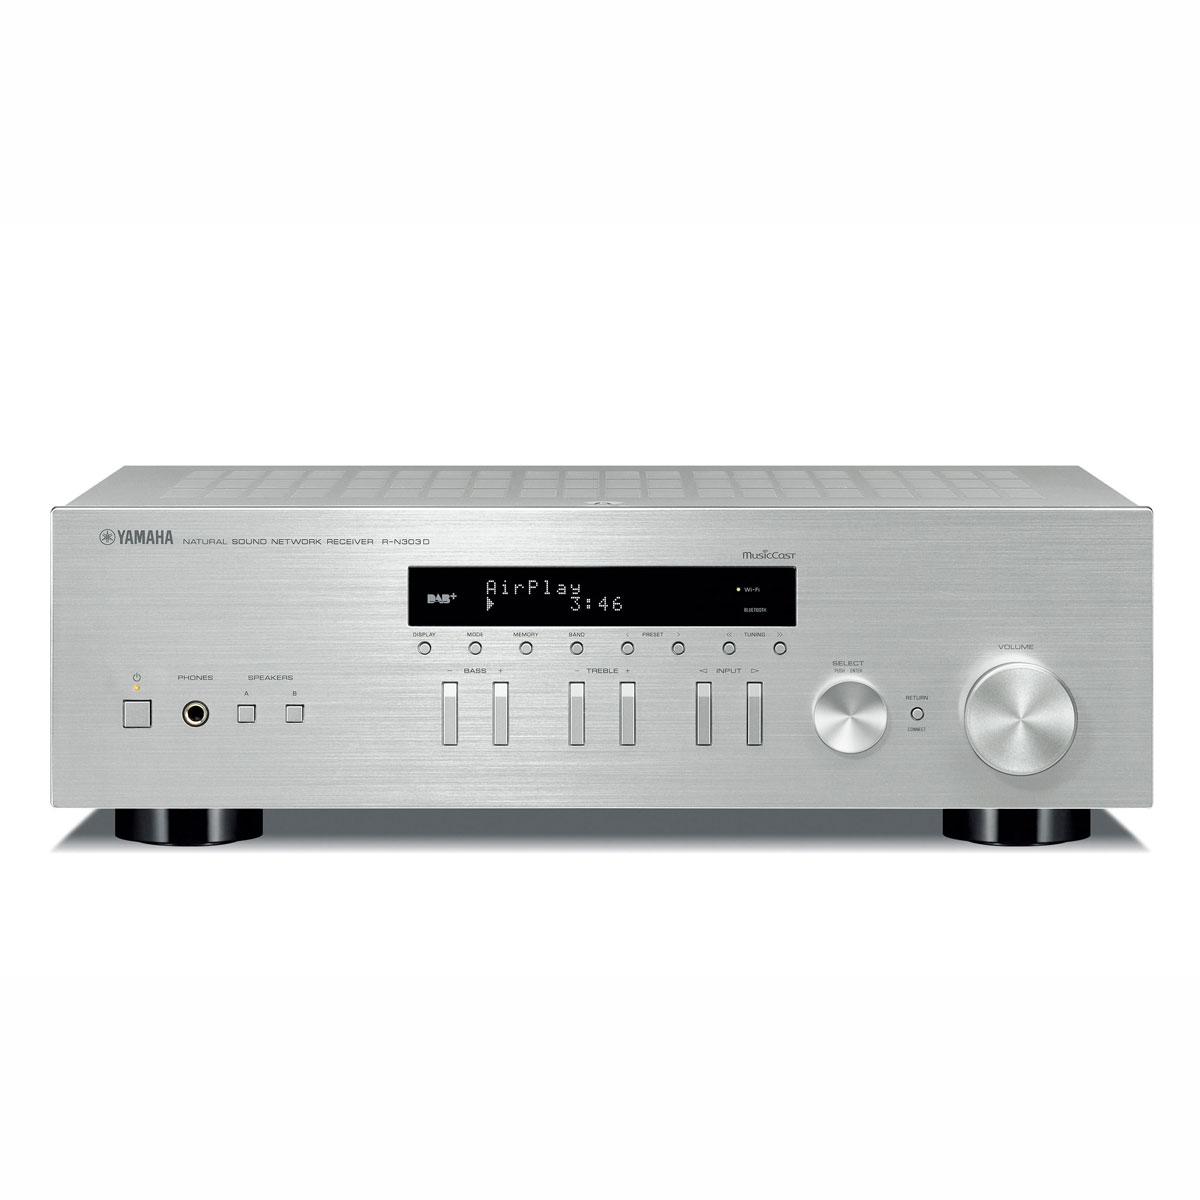 Yamaha R-N 303D silber Netzwerk-Receiver 100053